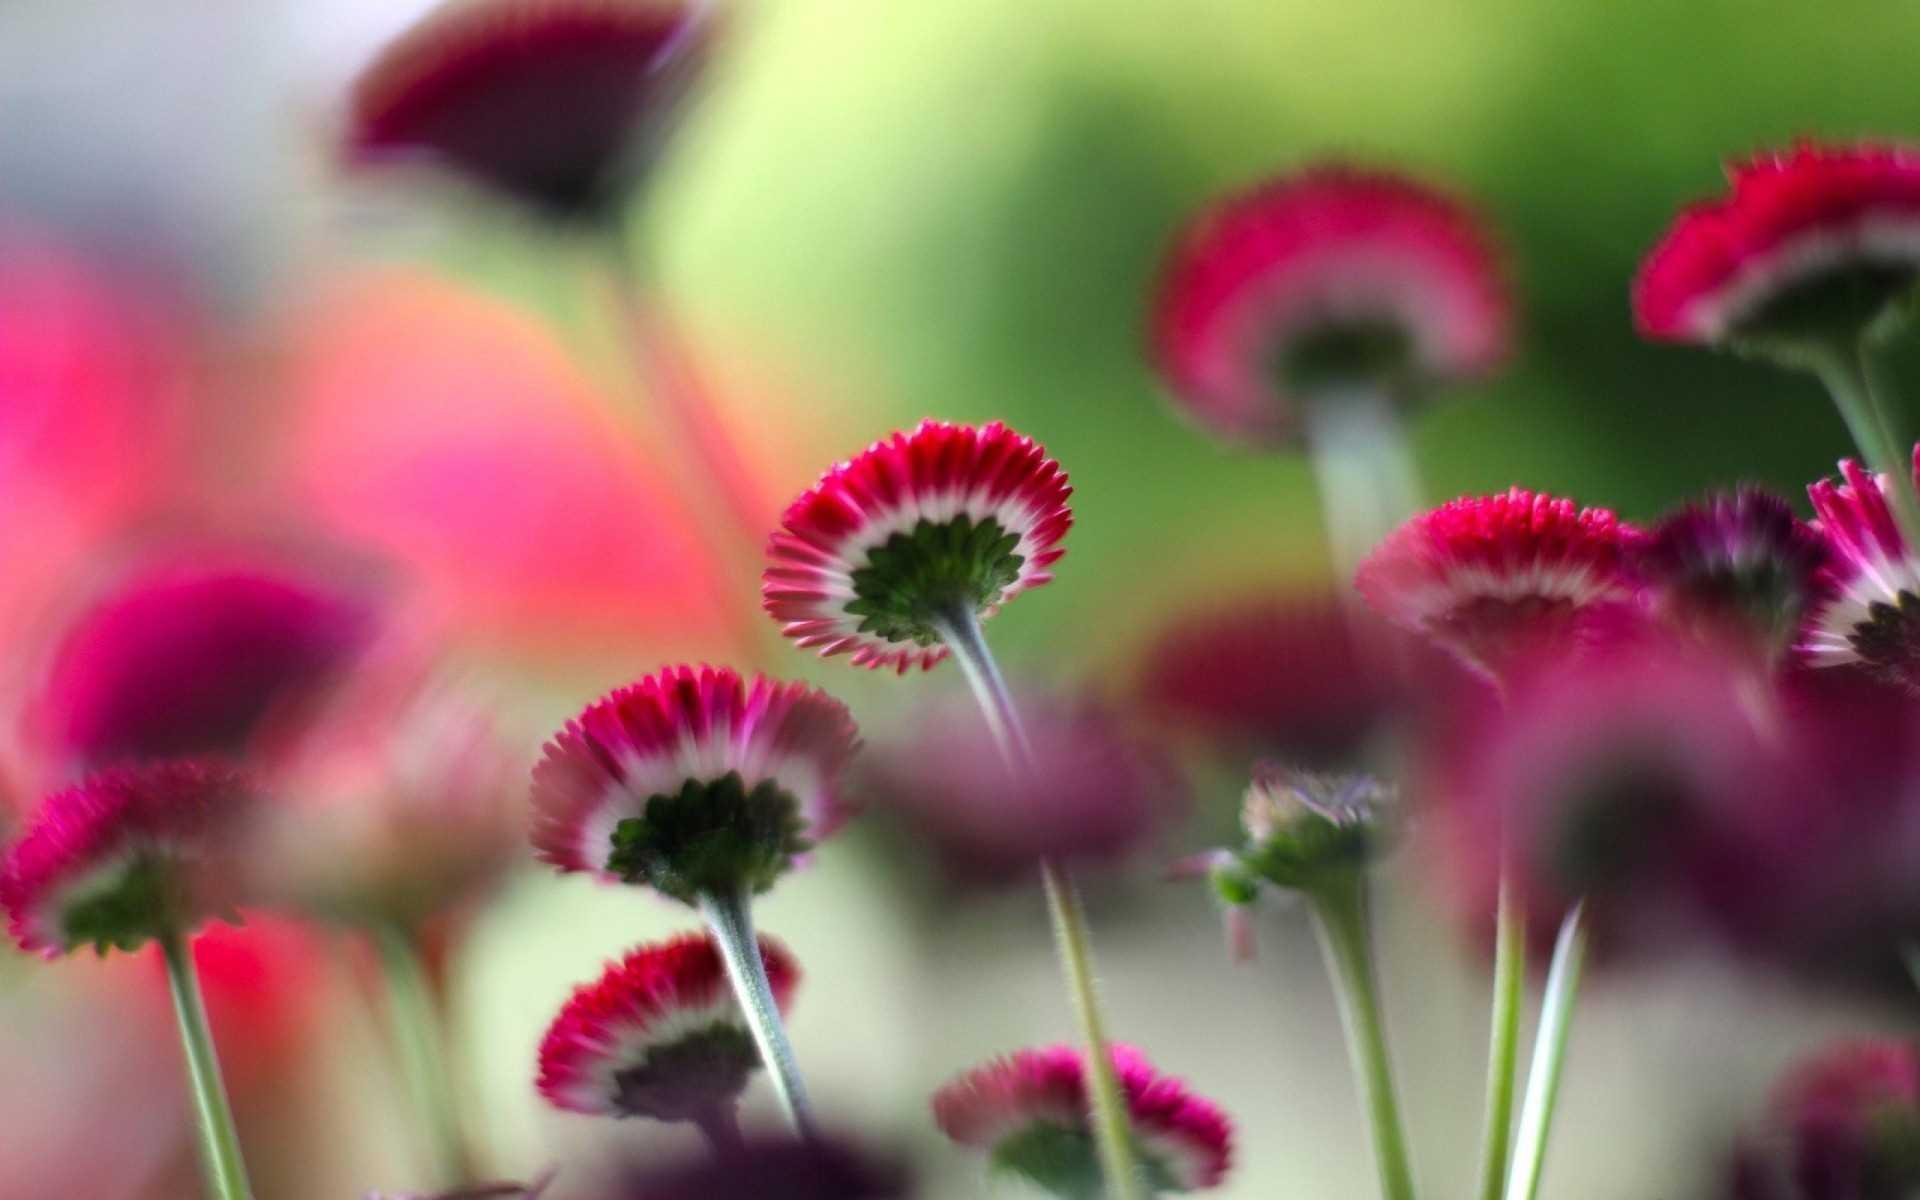 Most Beautiful Flowers Wallpapers Desktop - HD Wallpaper